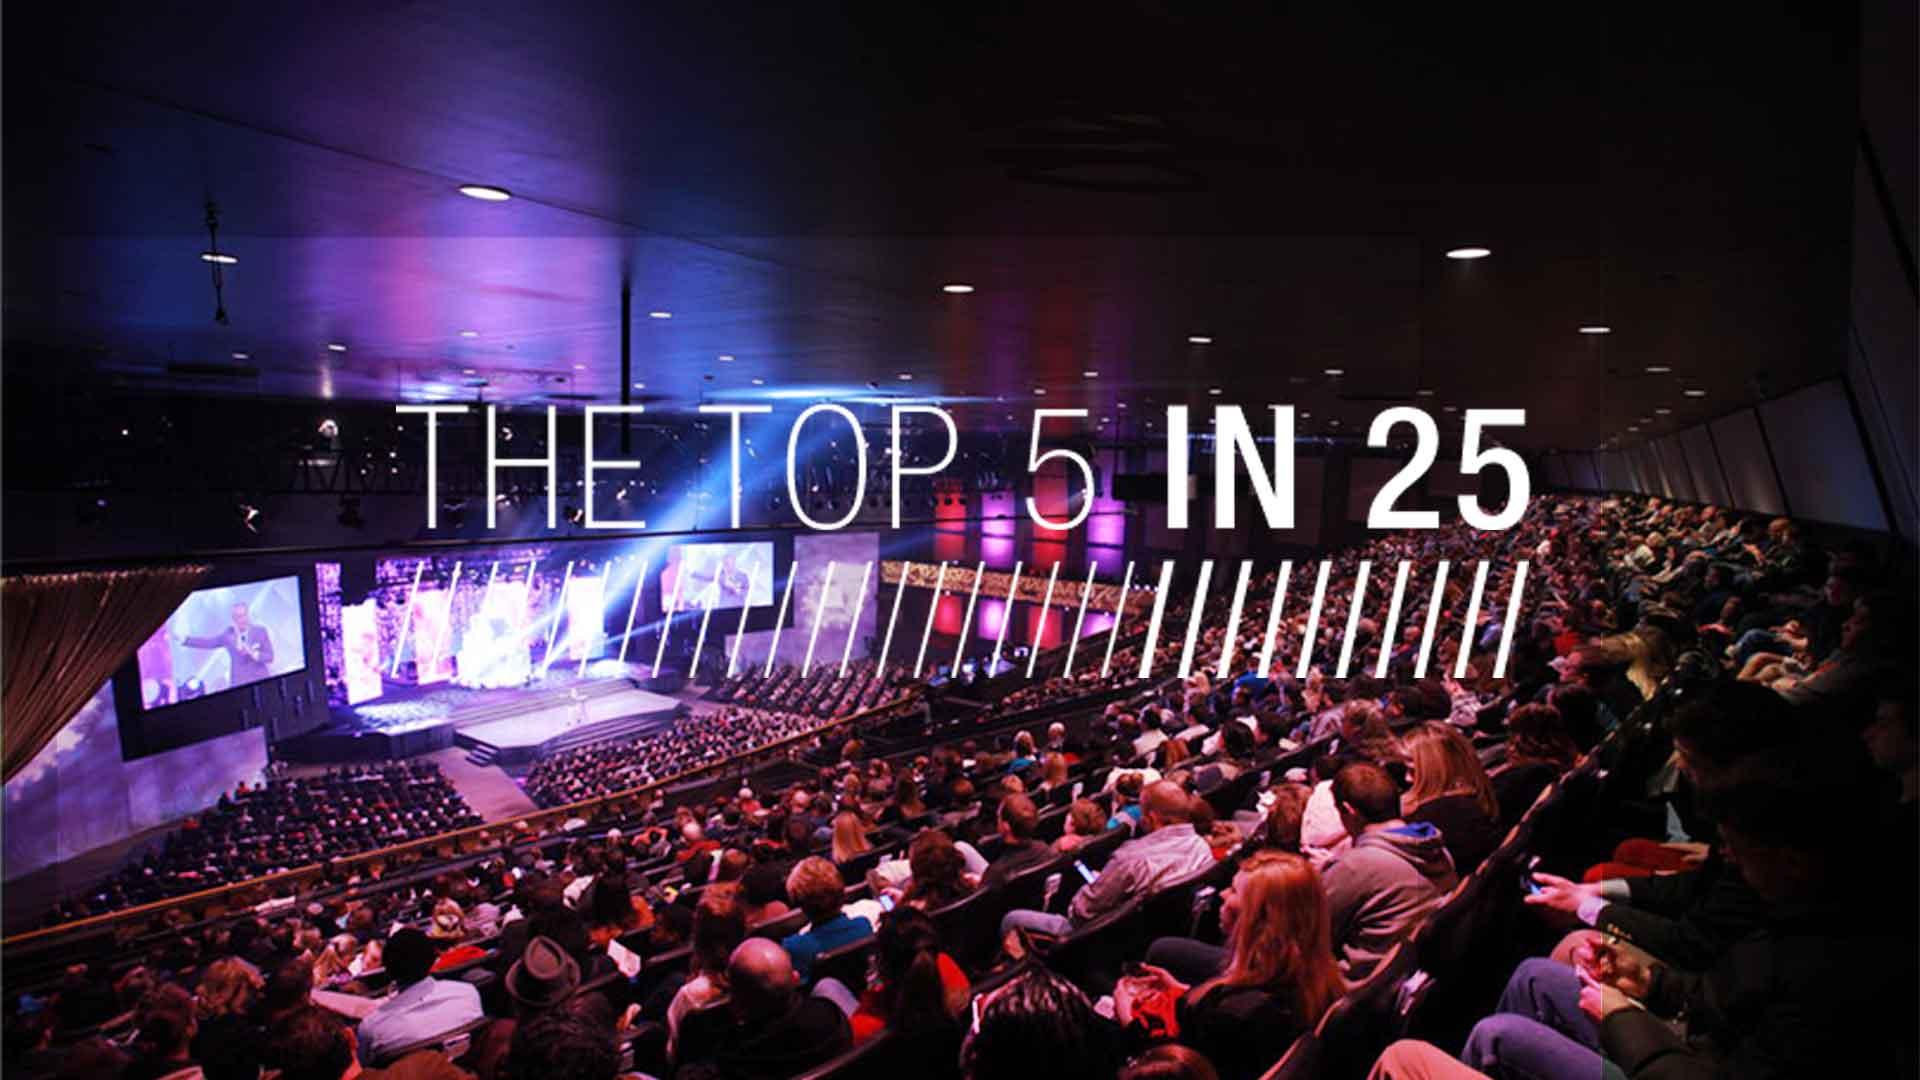 Top 5 in 25